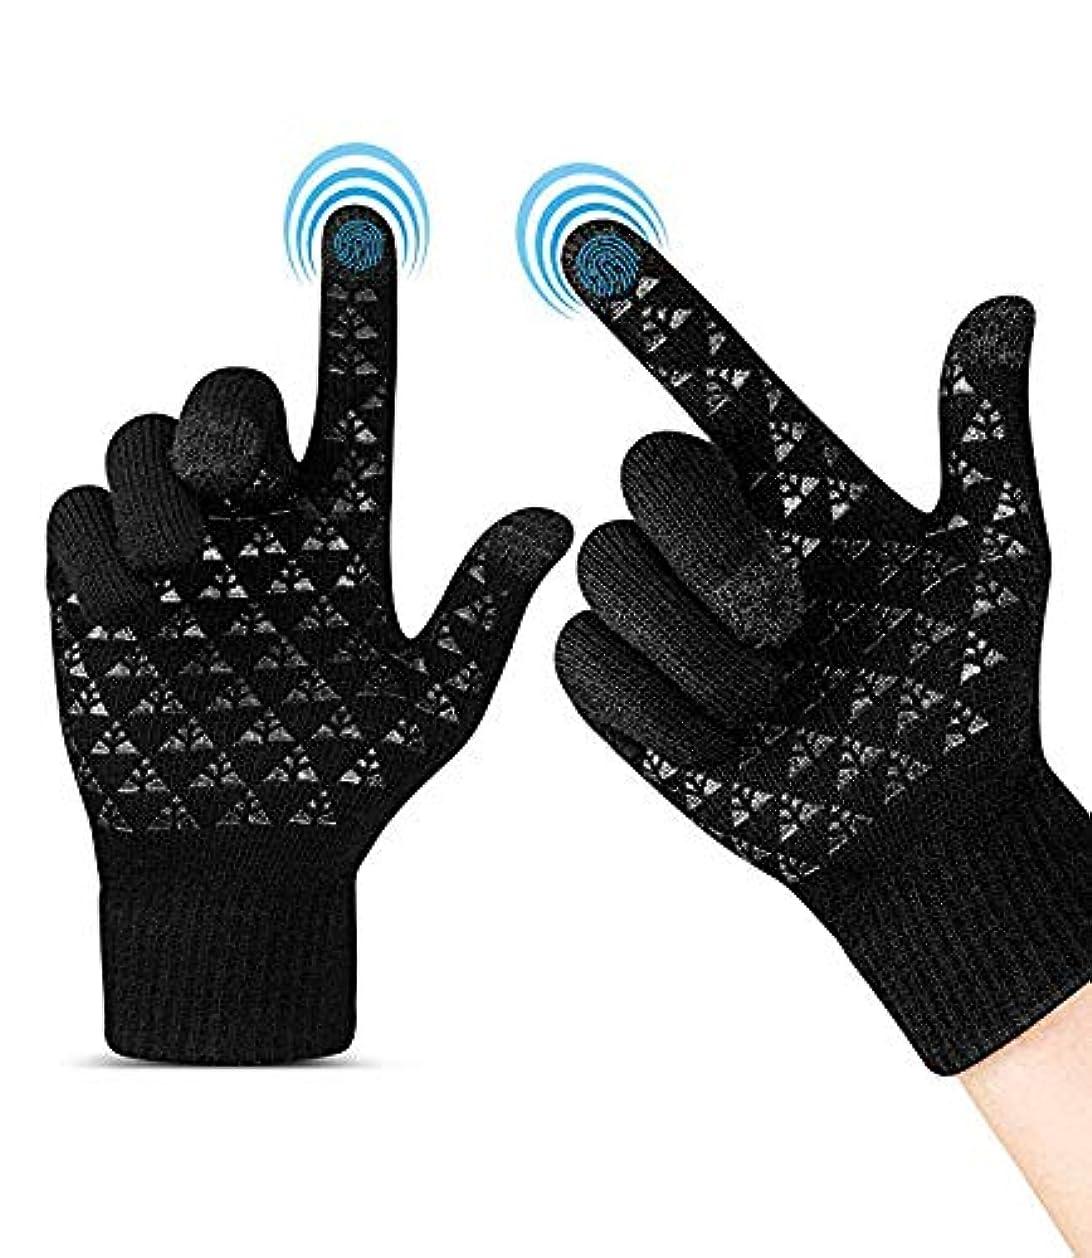 タイヤ囚人確認してください冬はニット滑り止めウール手袋裏地男性と女性のタッチスクリーンフリースのために、タッチスクリーン手袋を温めます